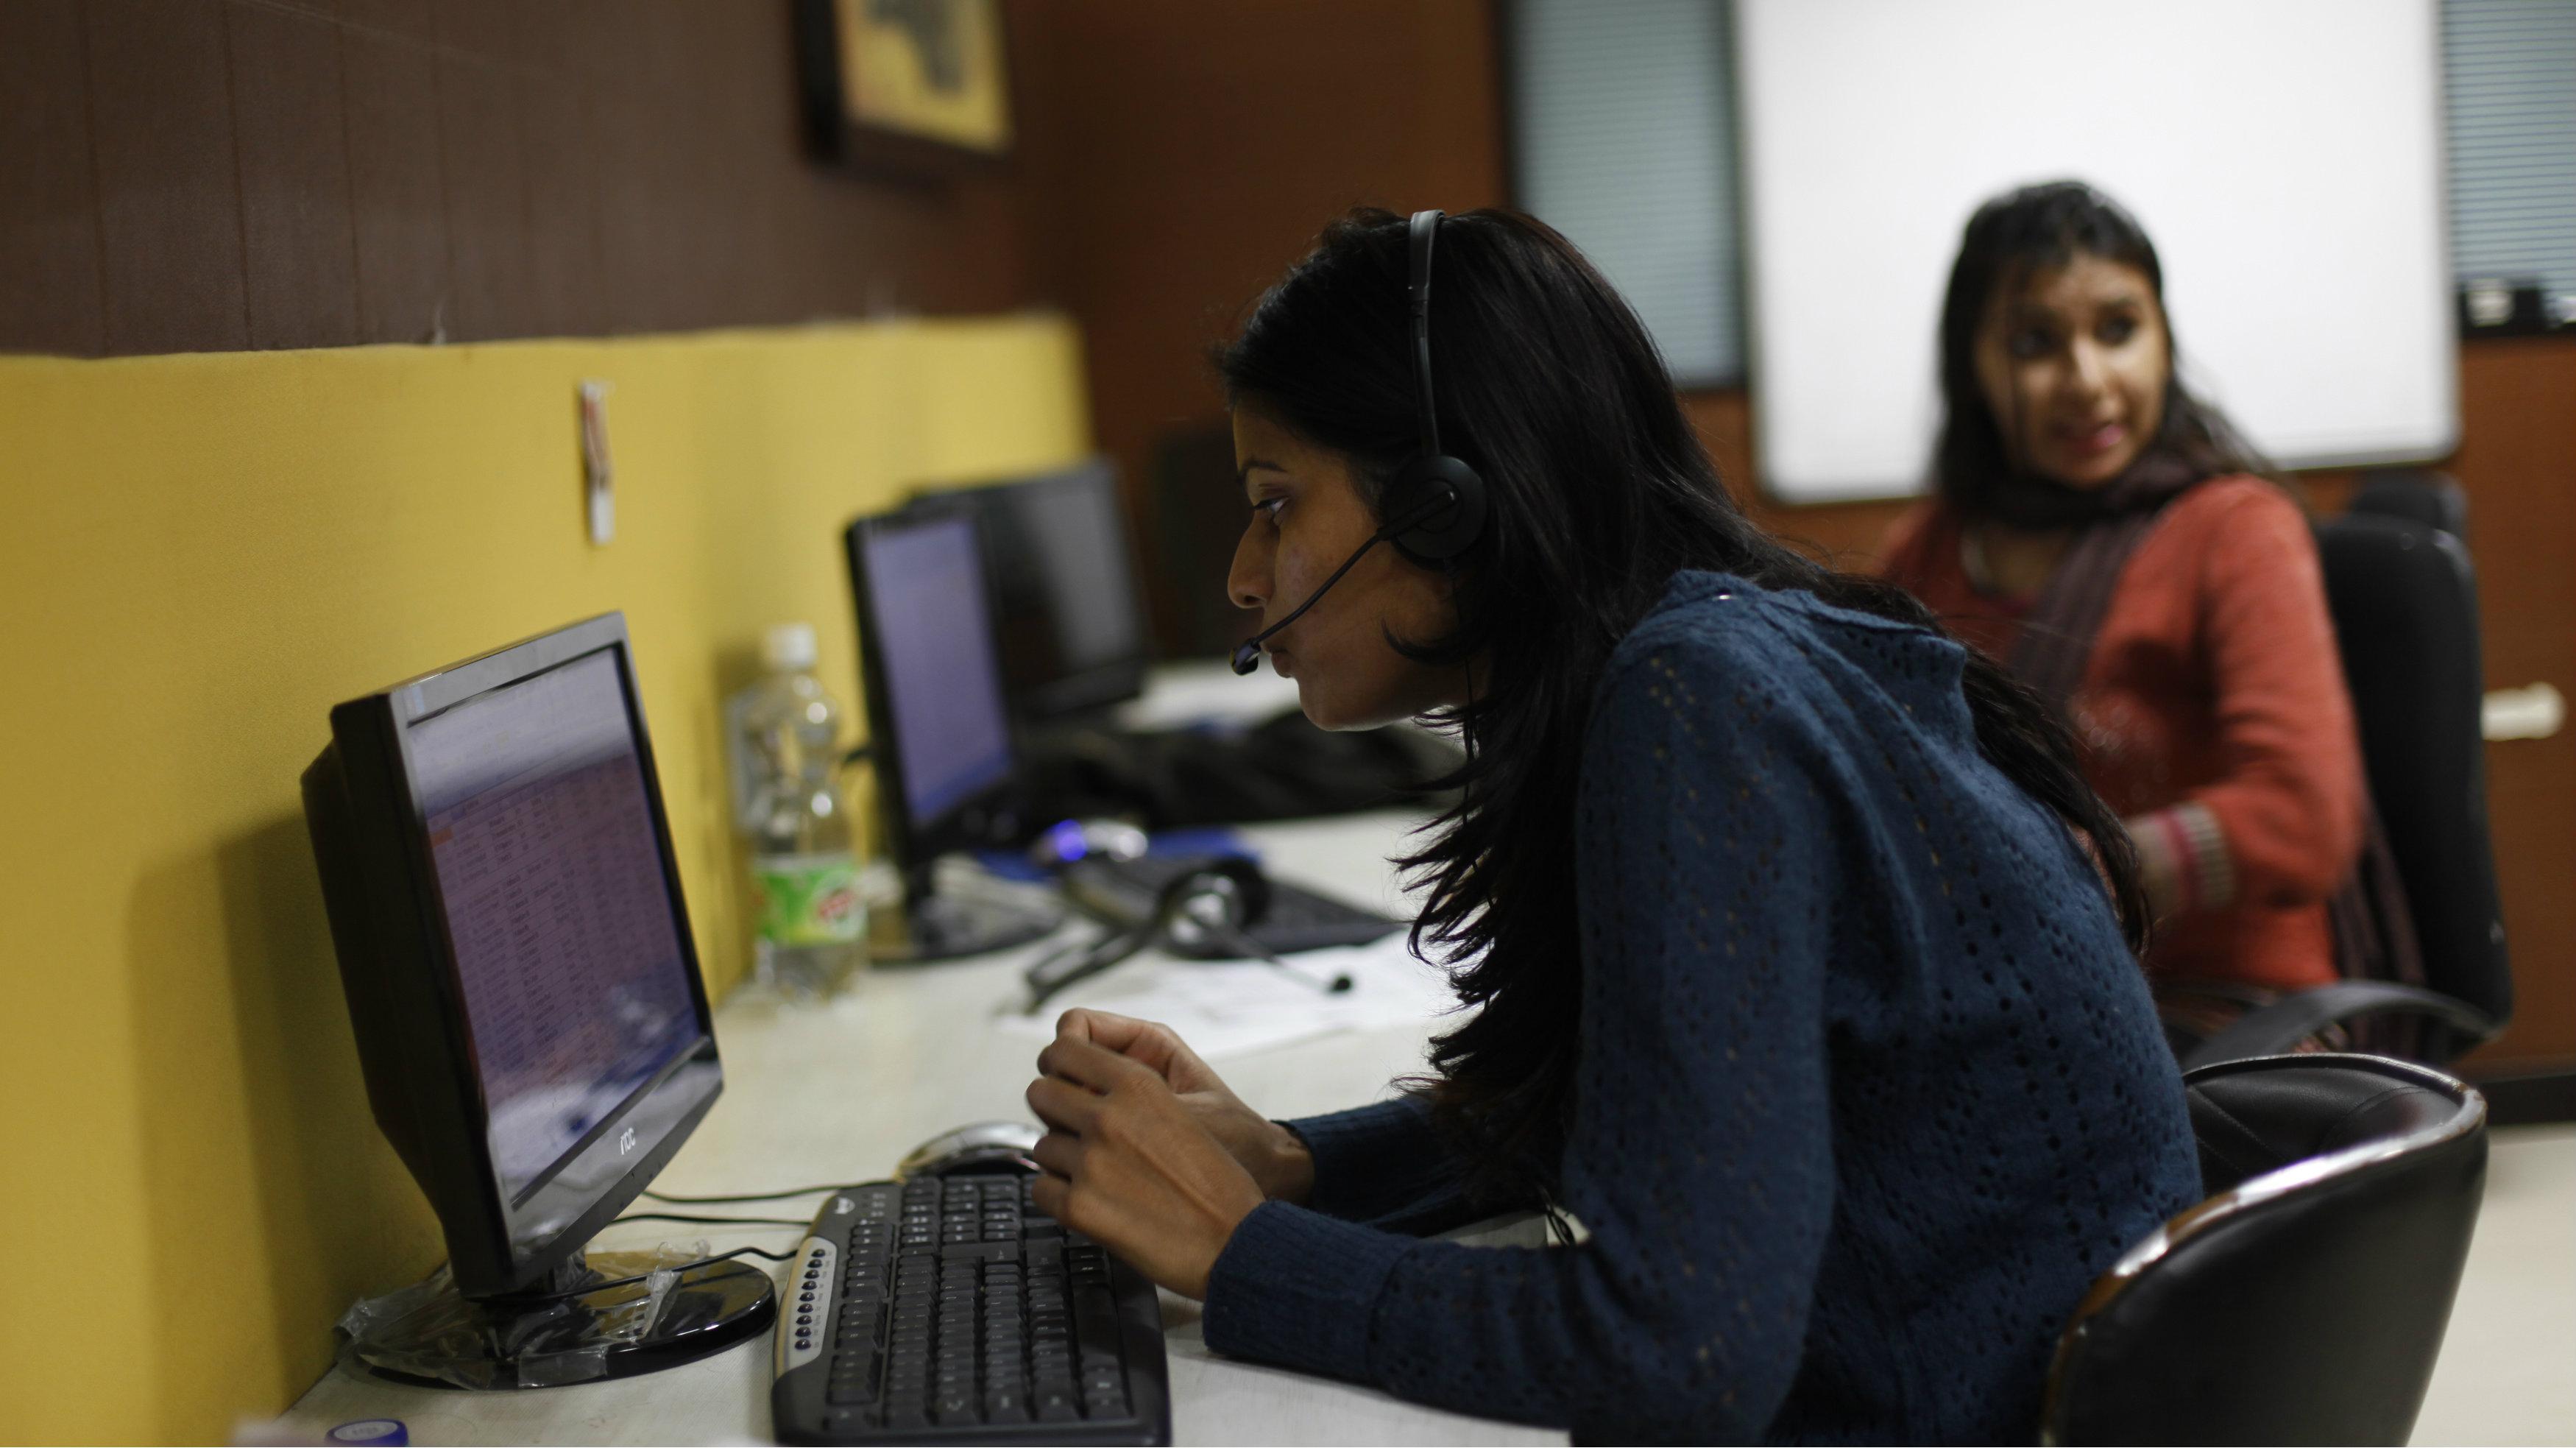 India-women-technology-Bengaluru-night-shift-law-Karnataka-IT